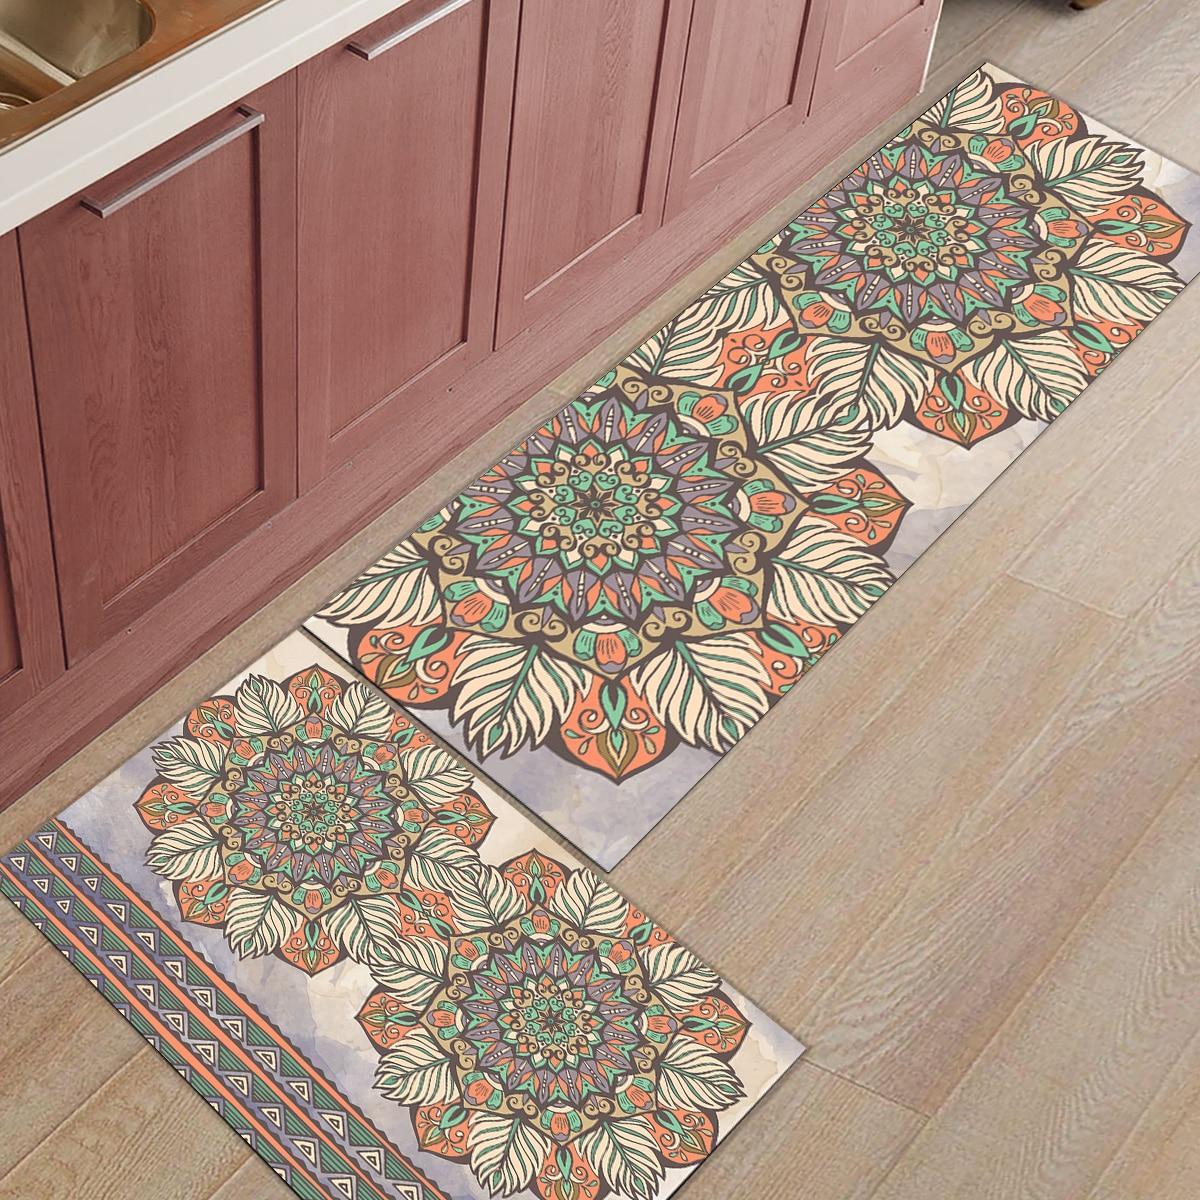 Rétro ethnique fleur Floral géométrique bottes chaussures grattoir lavable en Machine bain douche baignoire accessoire ensembles sol tapis zone Runne